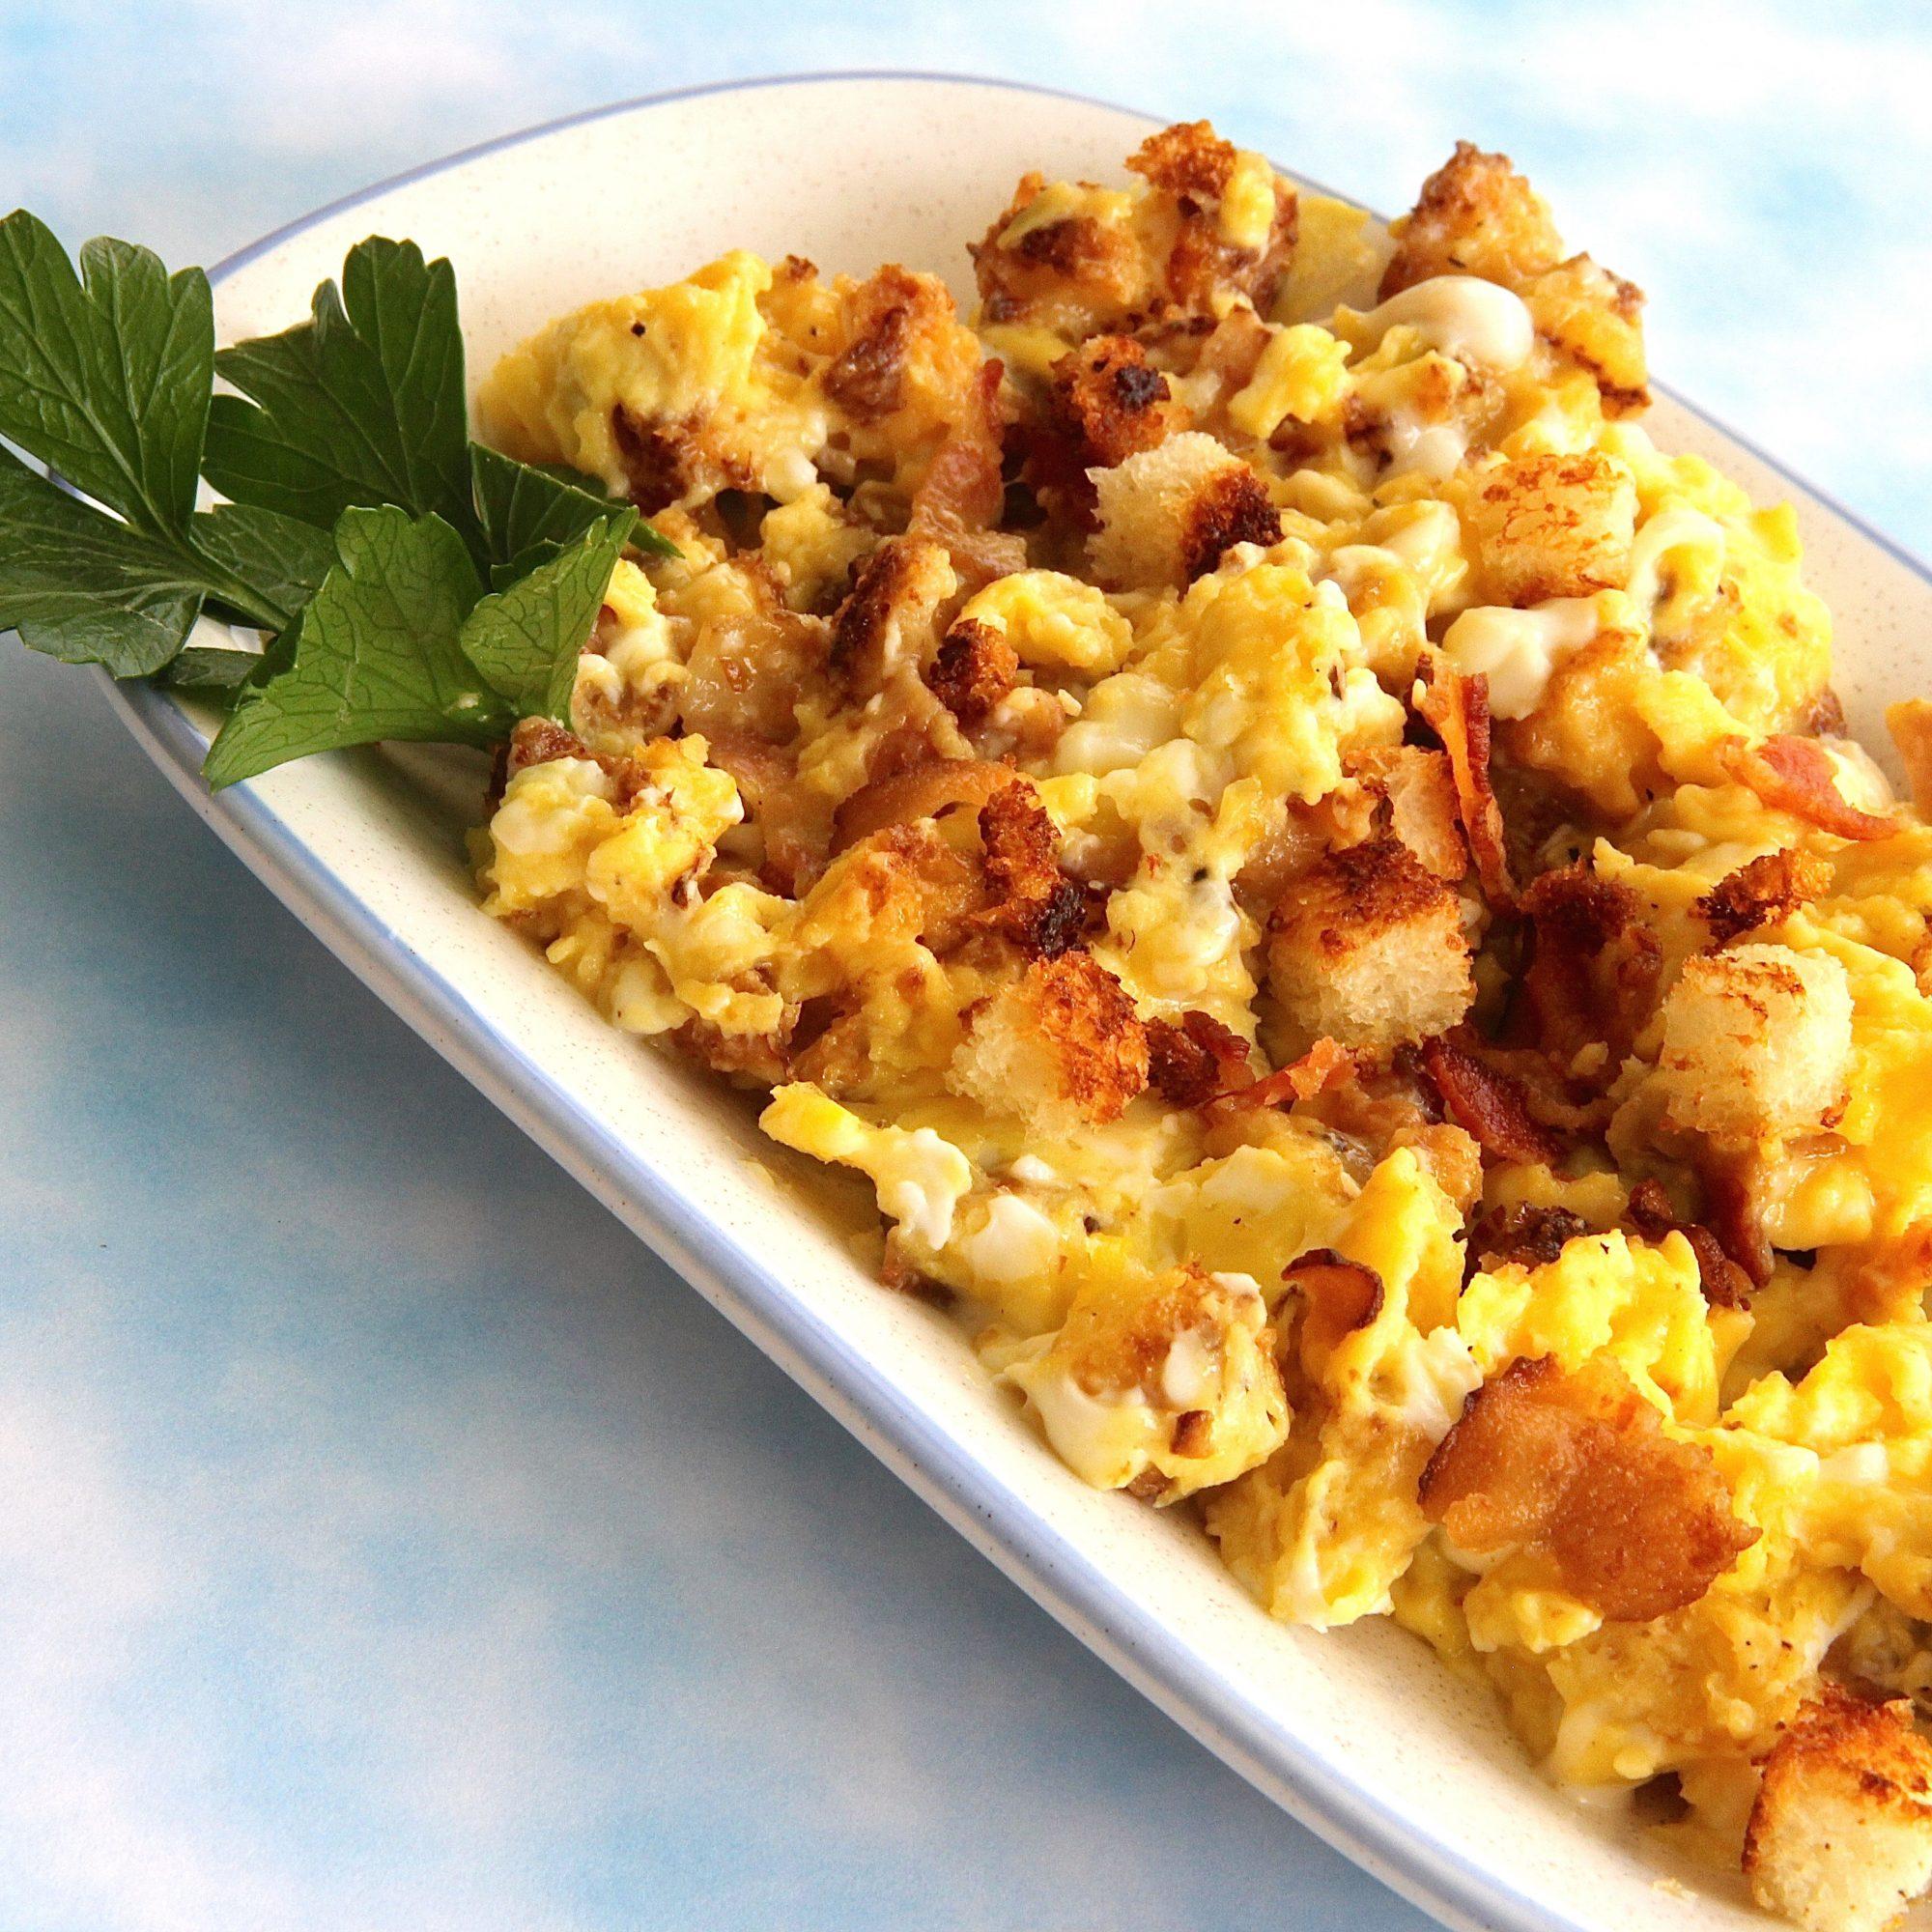 Huevos con tocino y migas